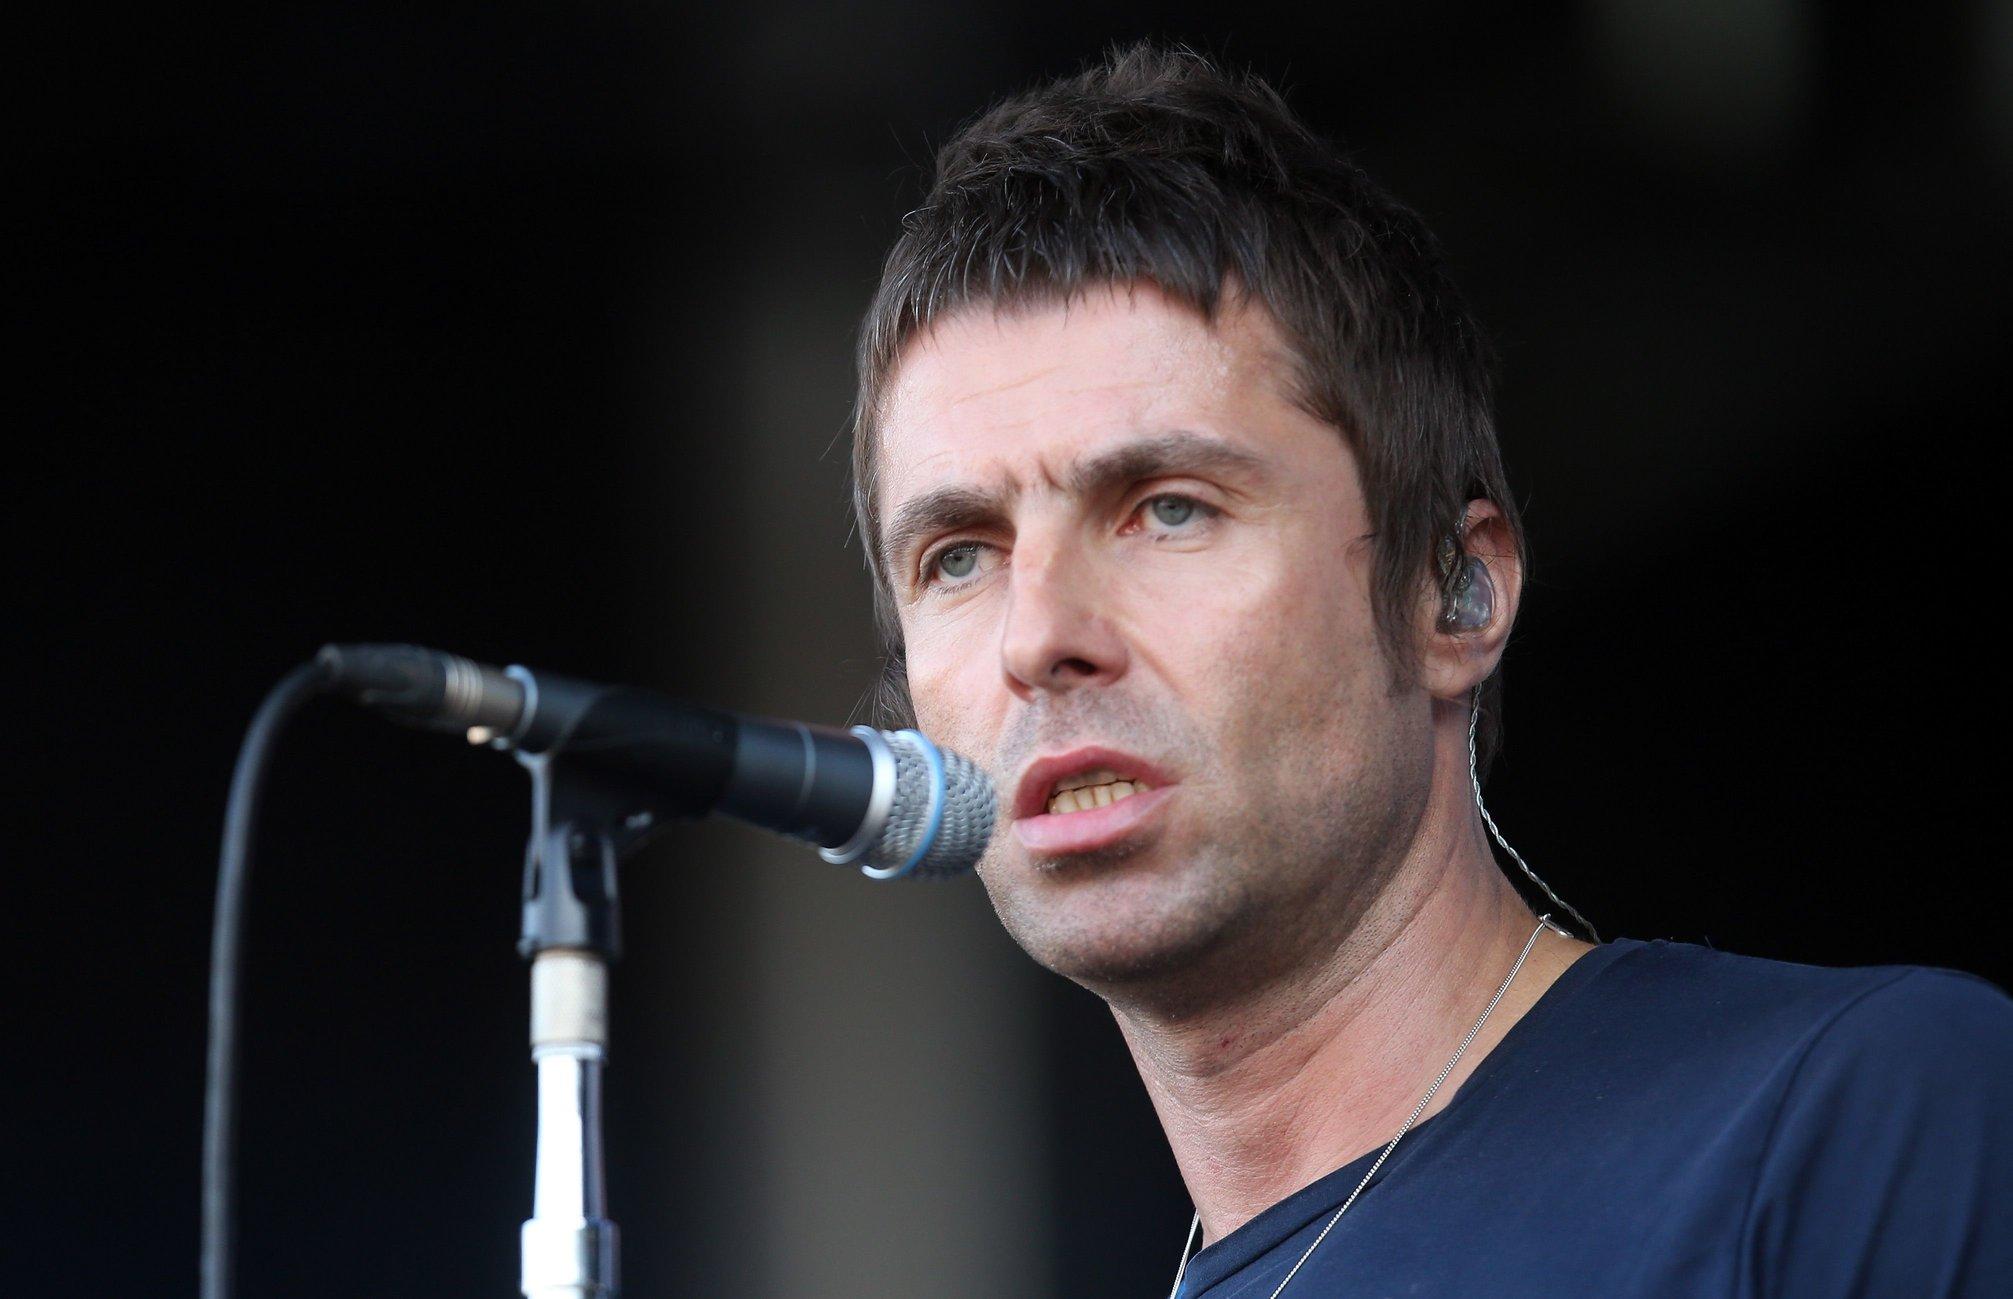 Manchester entona canción de Oasis